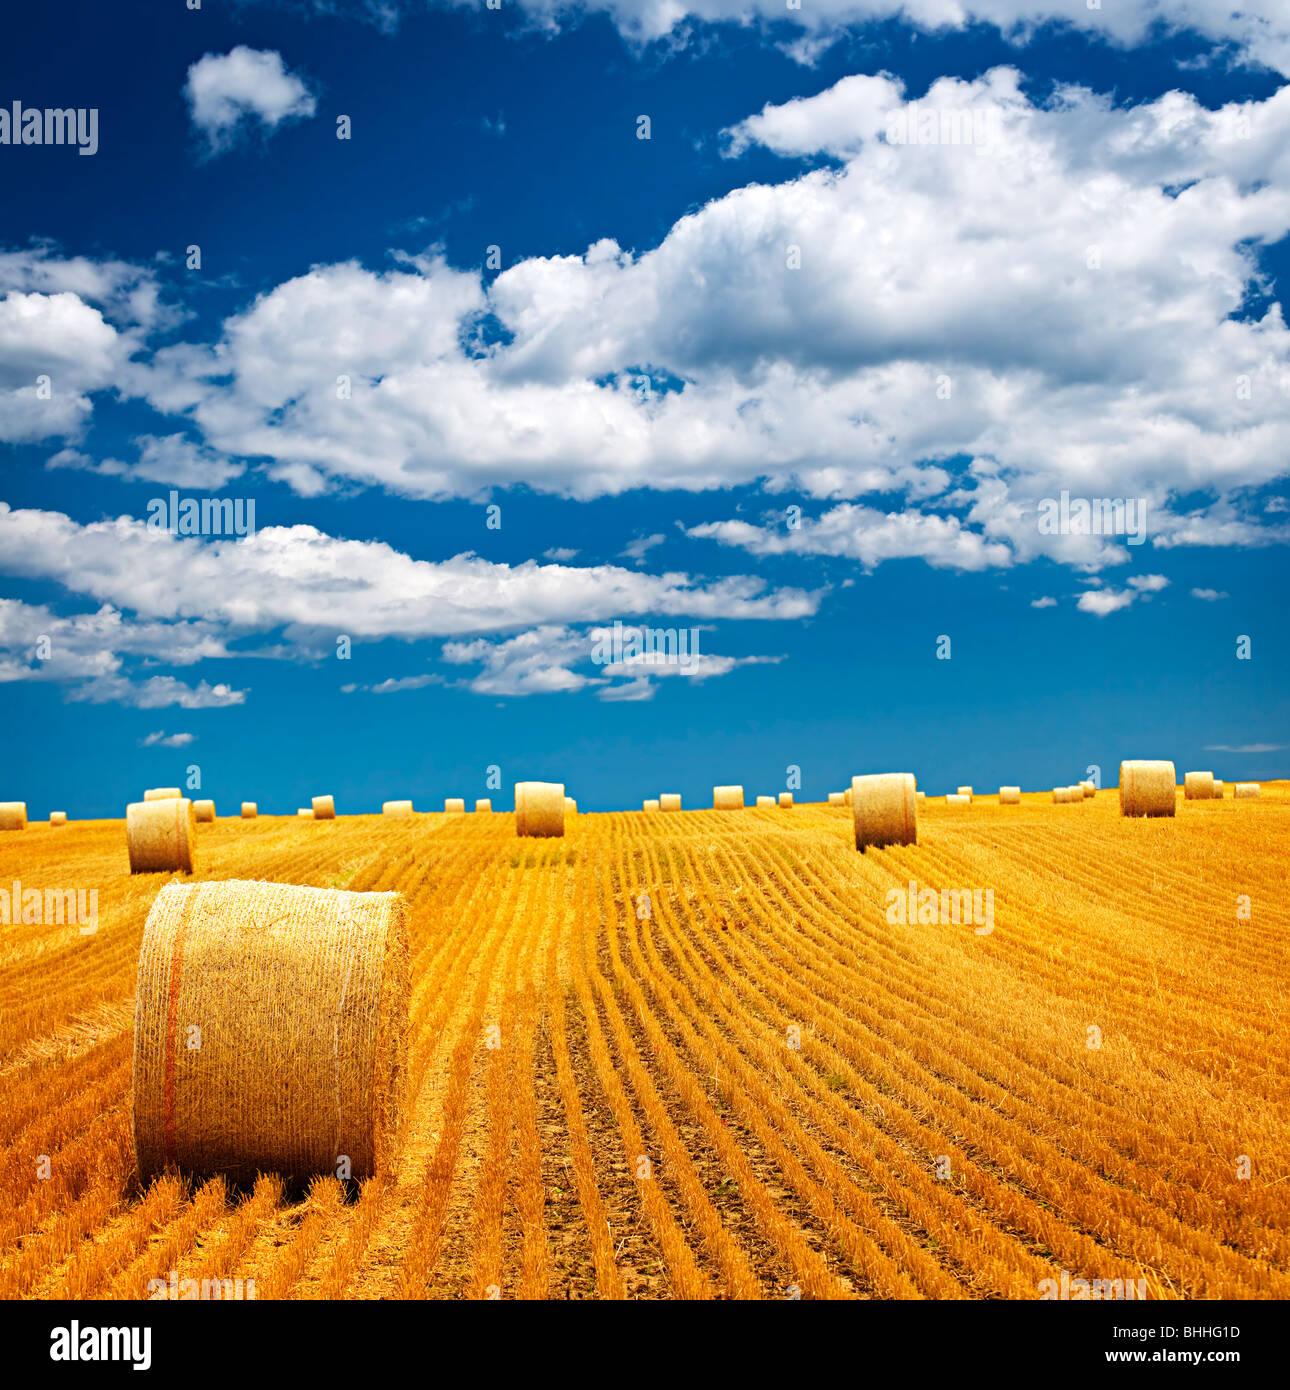 Paysage agricole de bottes de foin dans un champ d'or Photo Stock